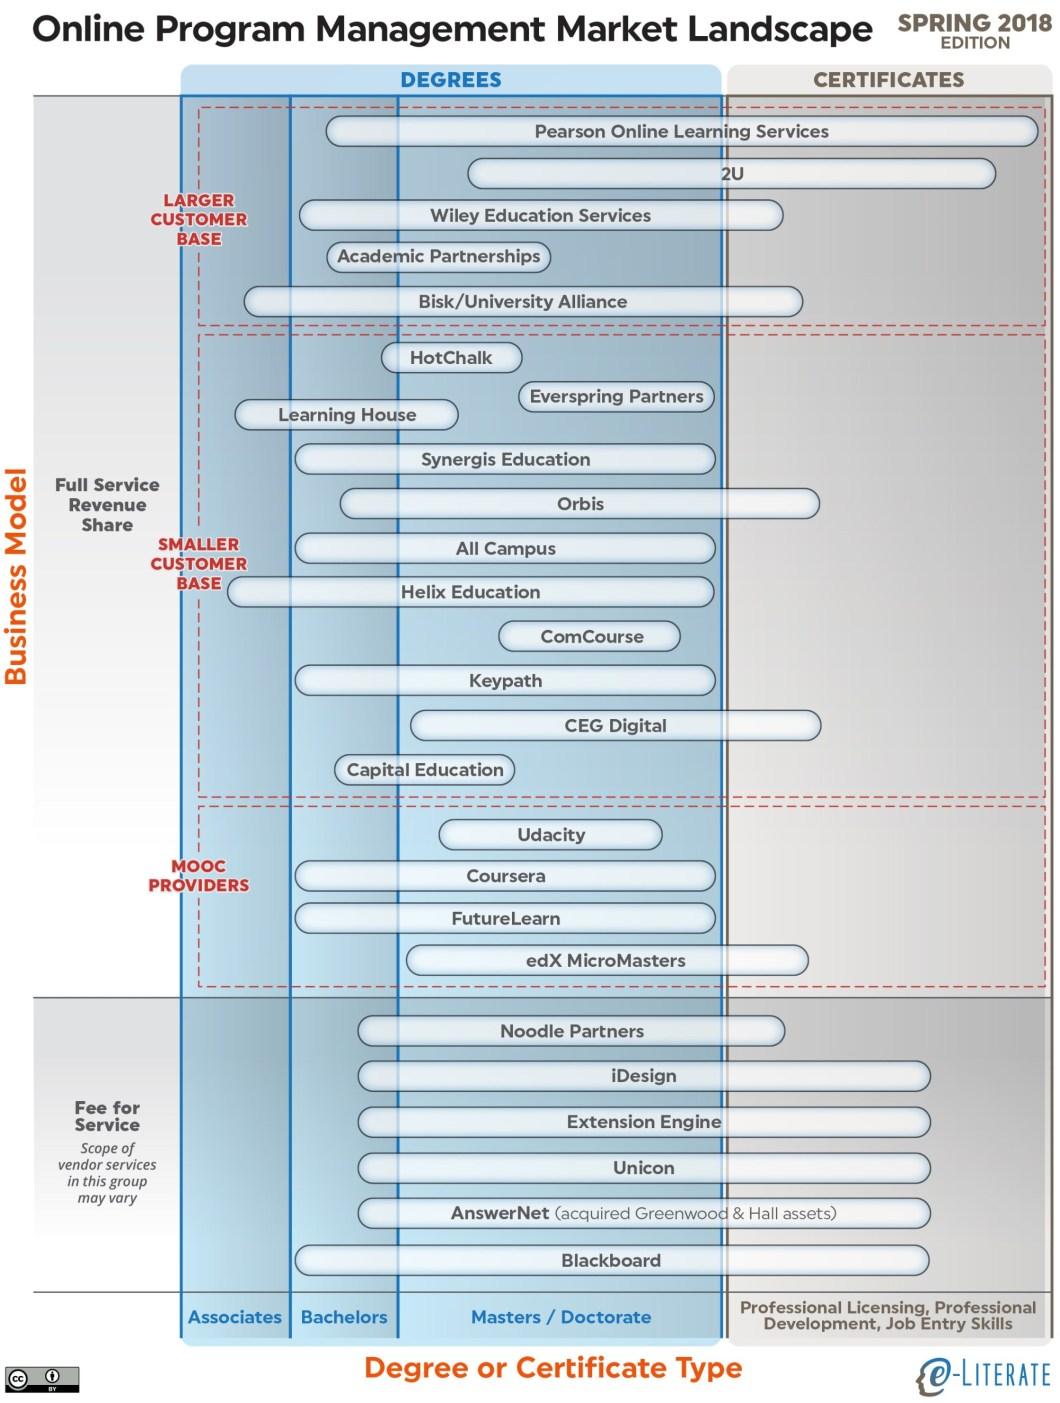 Online Program Management Landscape